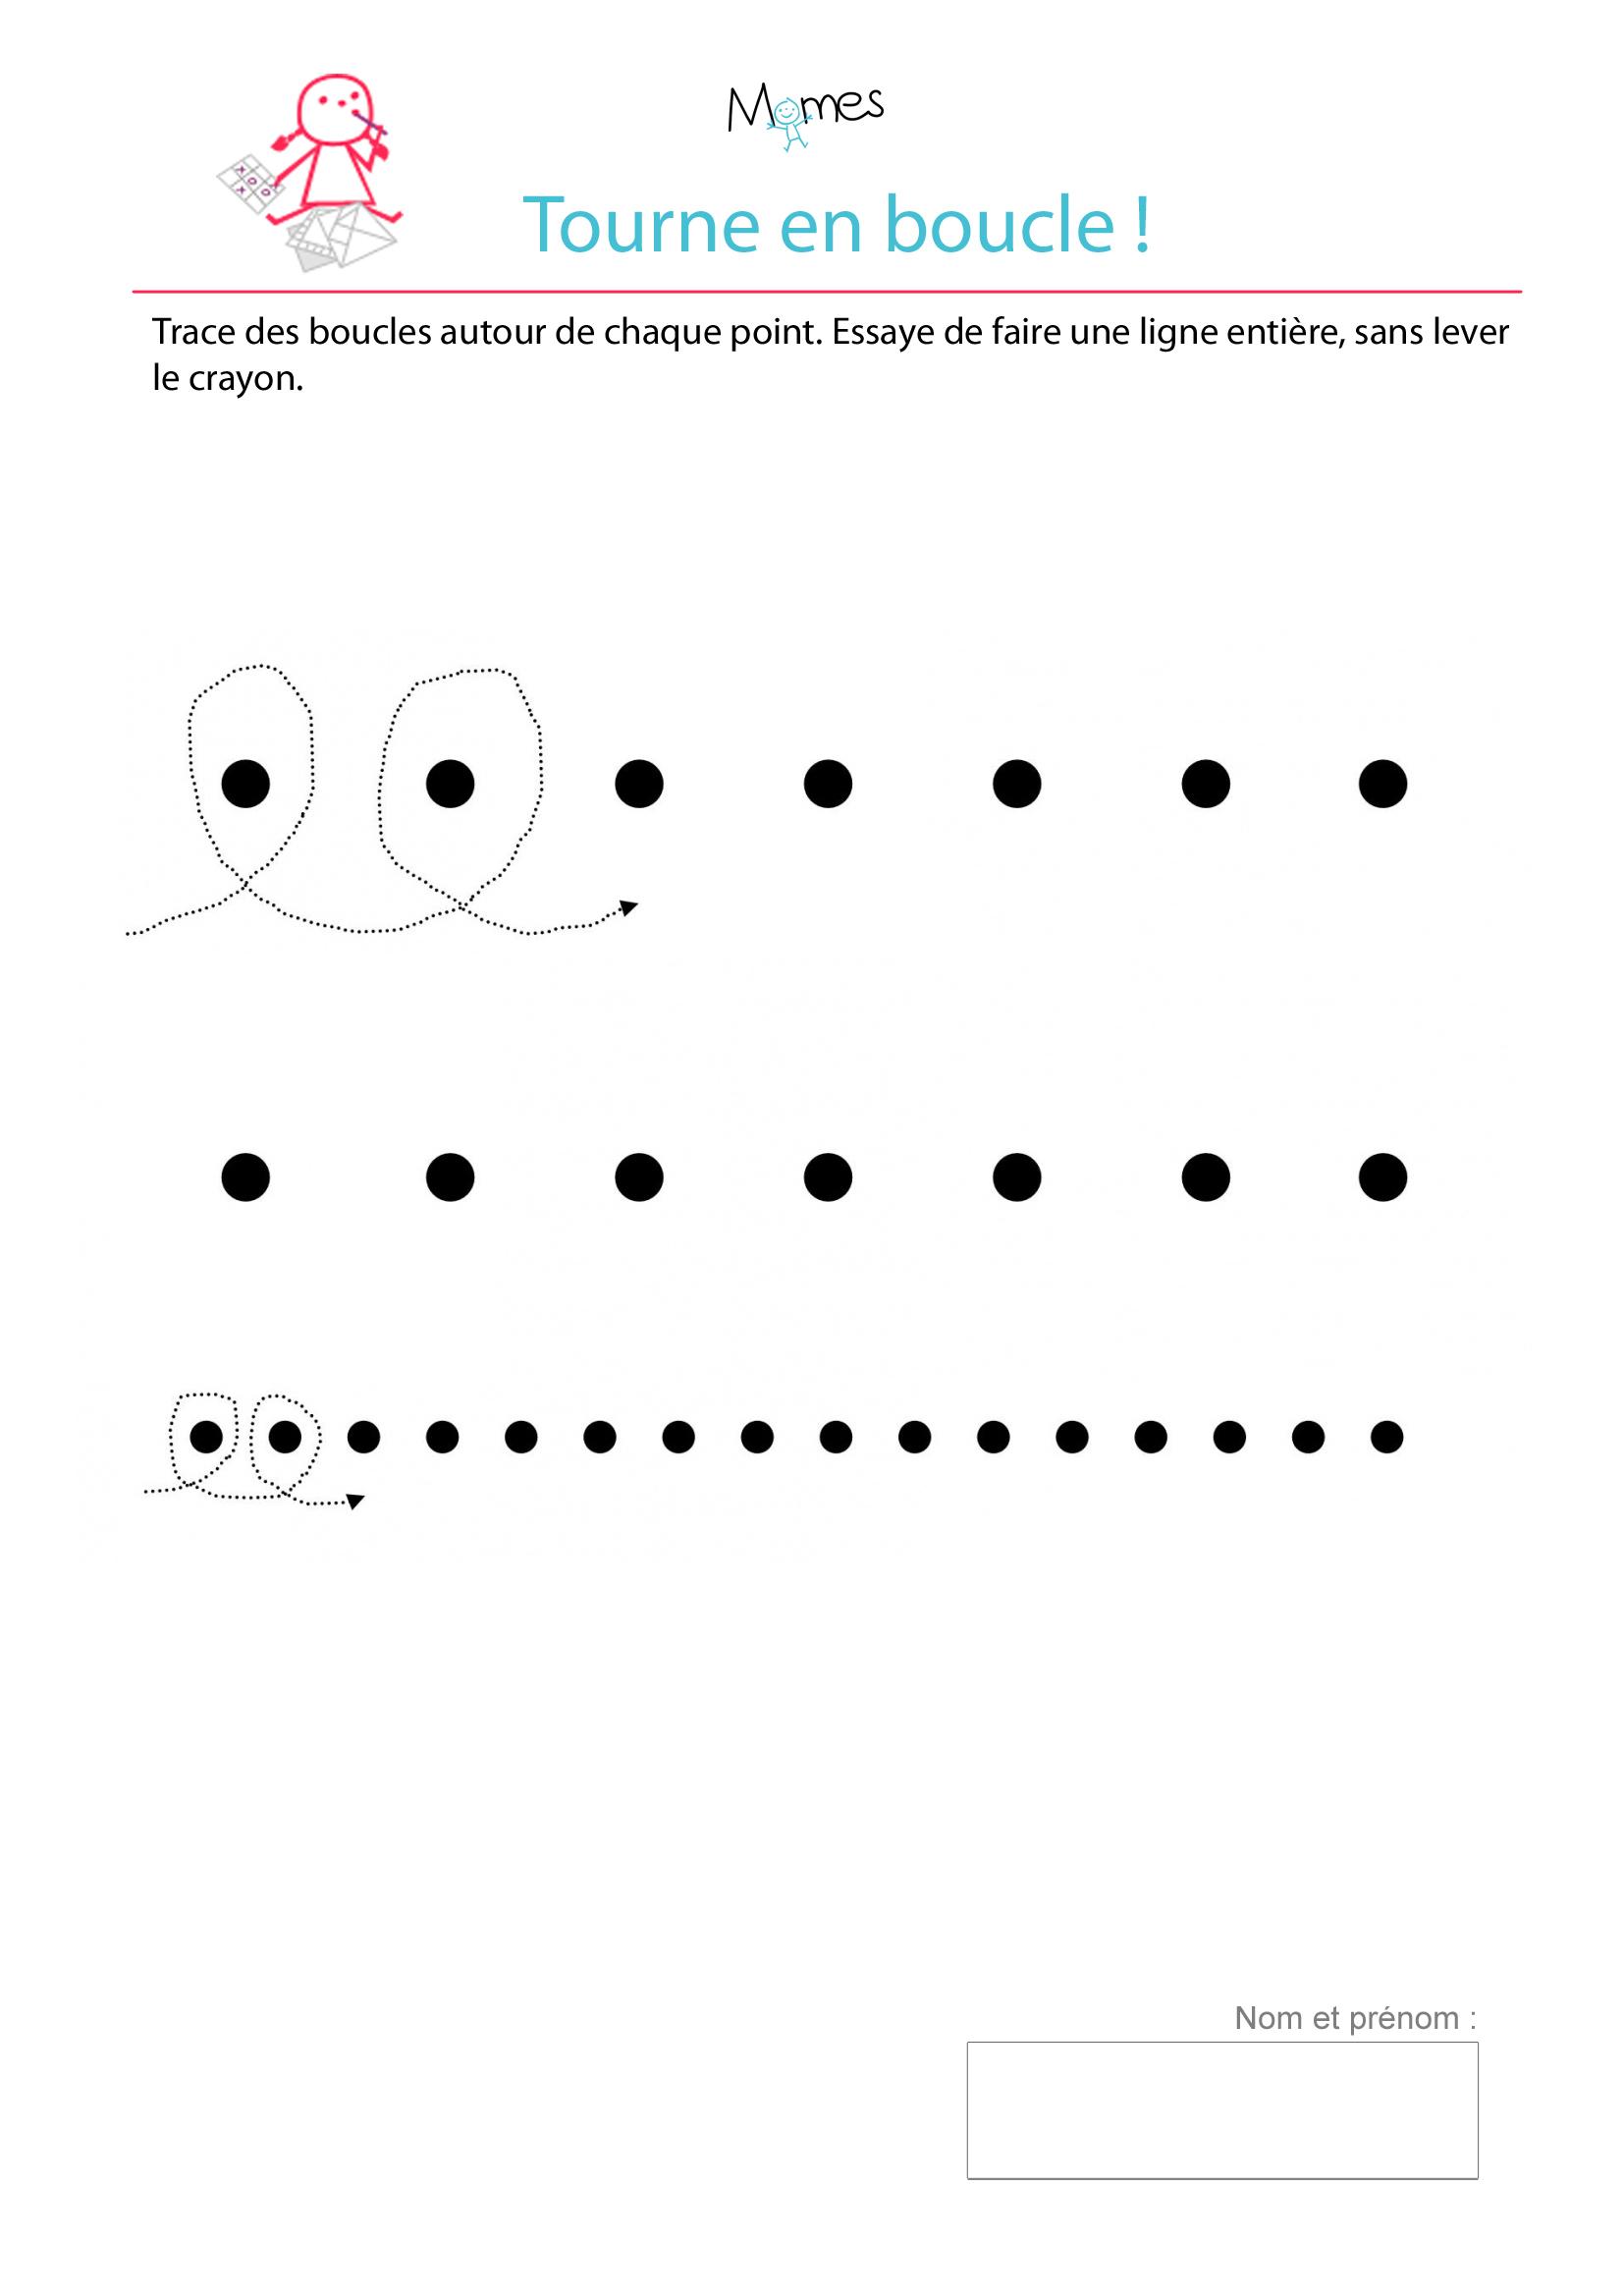 Exercice D'écriture : Tracer Des Boucles Autour De Points à Activité 3 Ans Imprimer